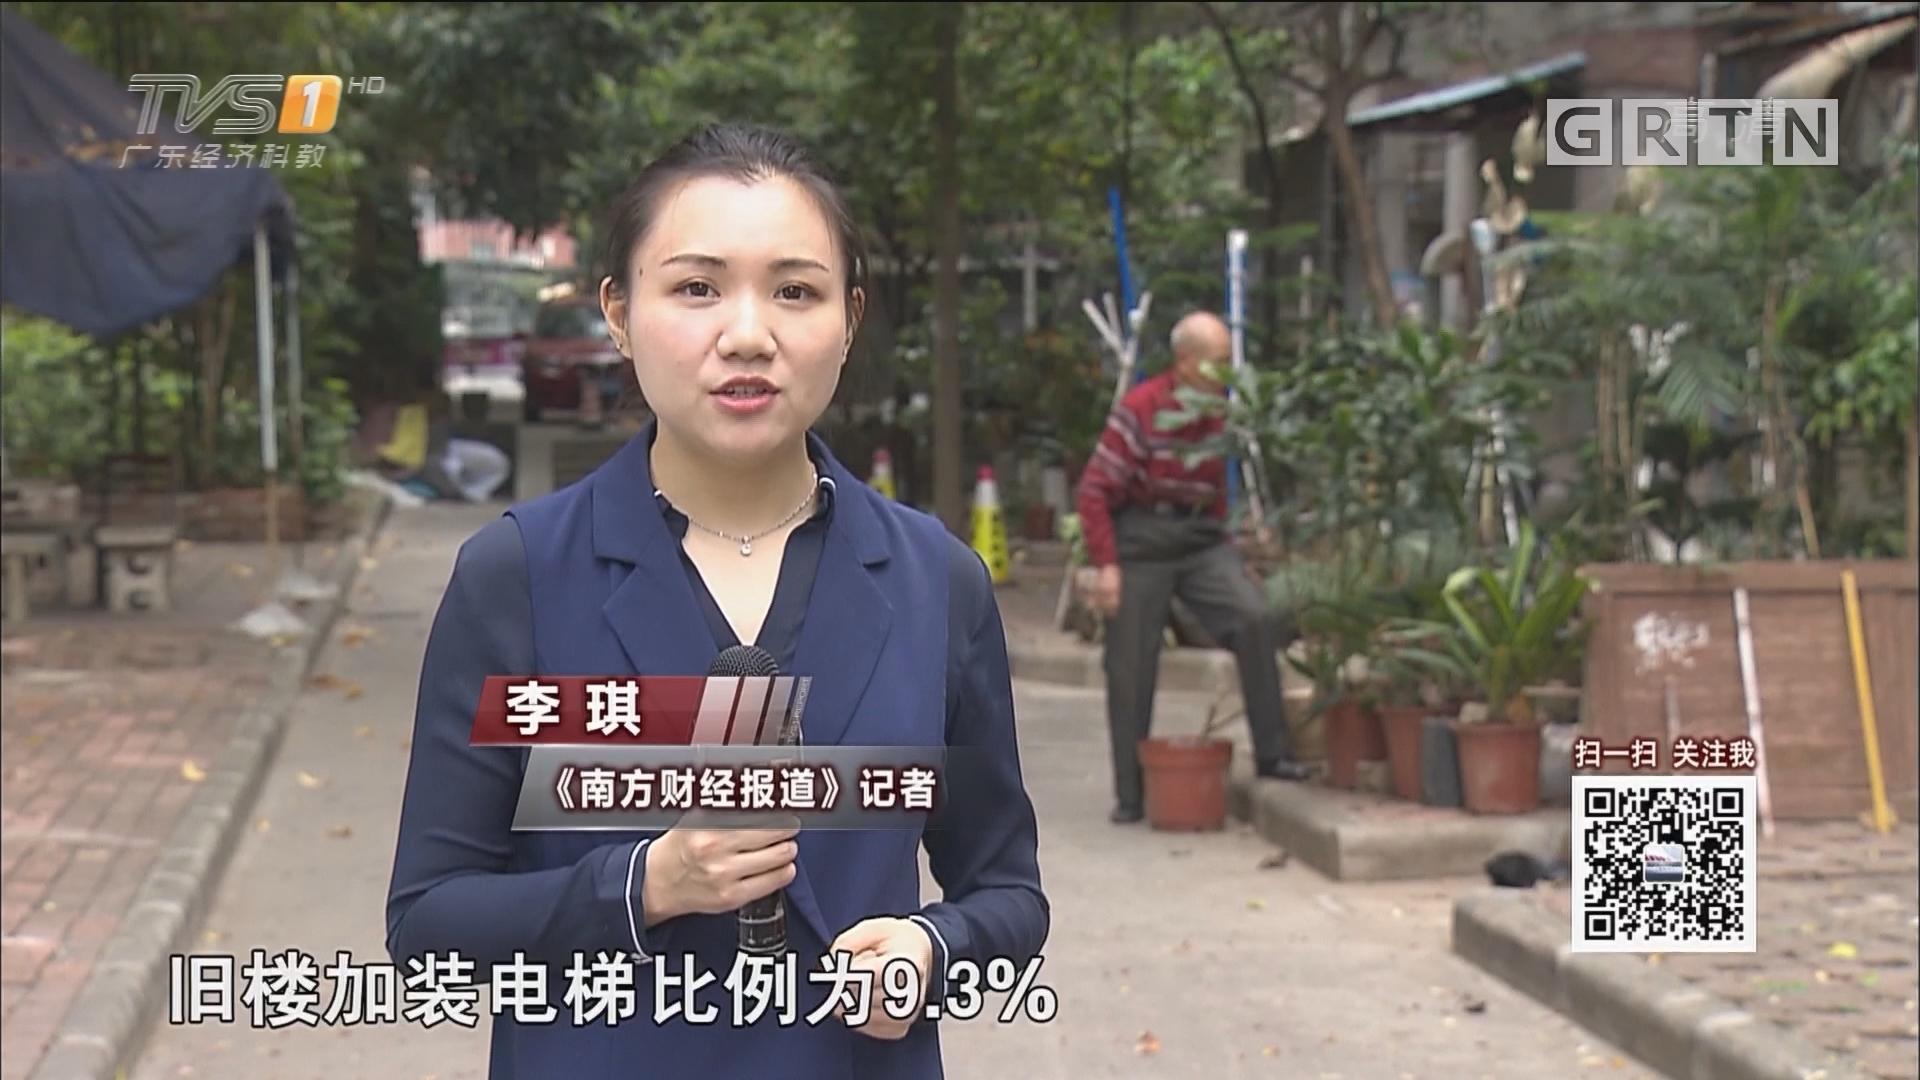 旧楼装电梯 广州六个区说了有补助